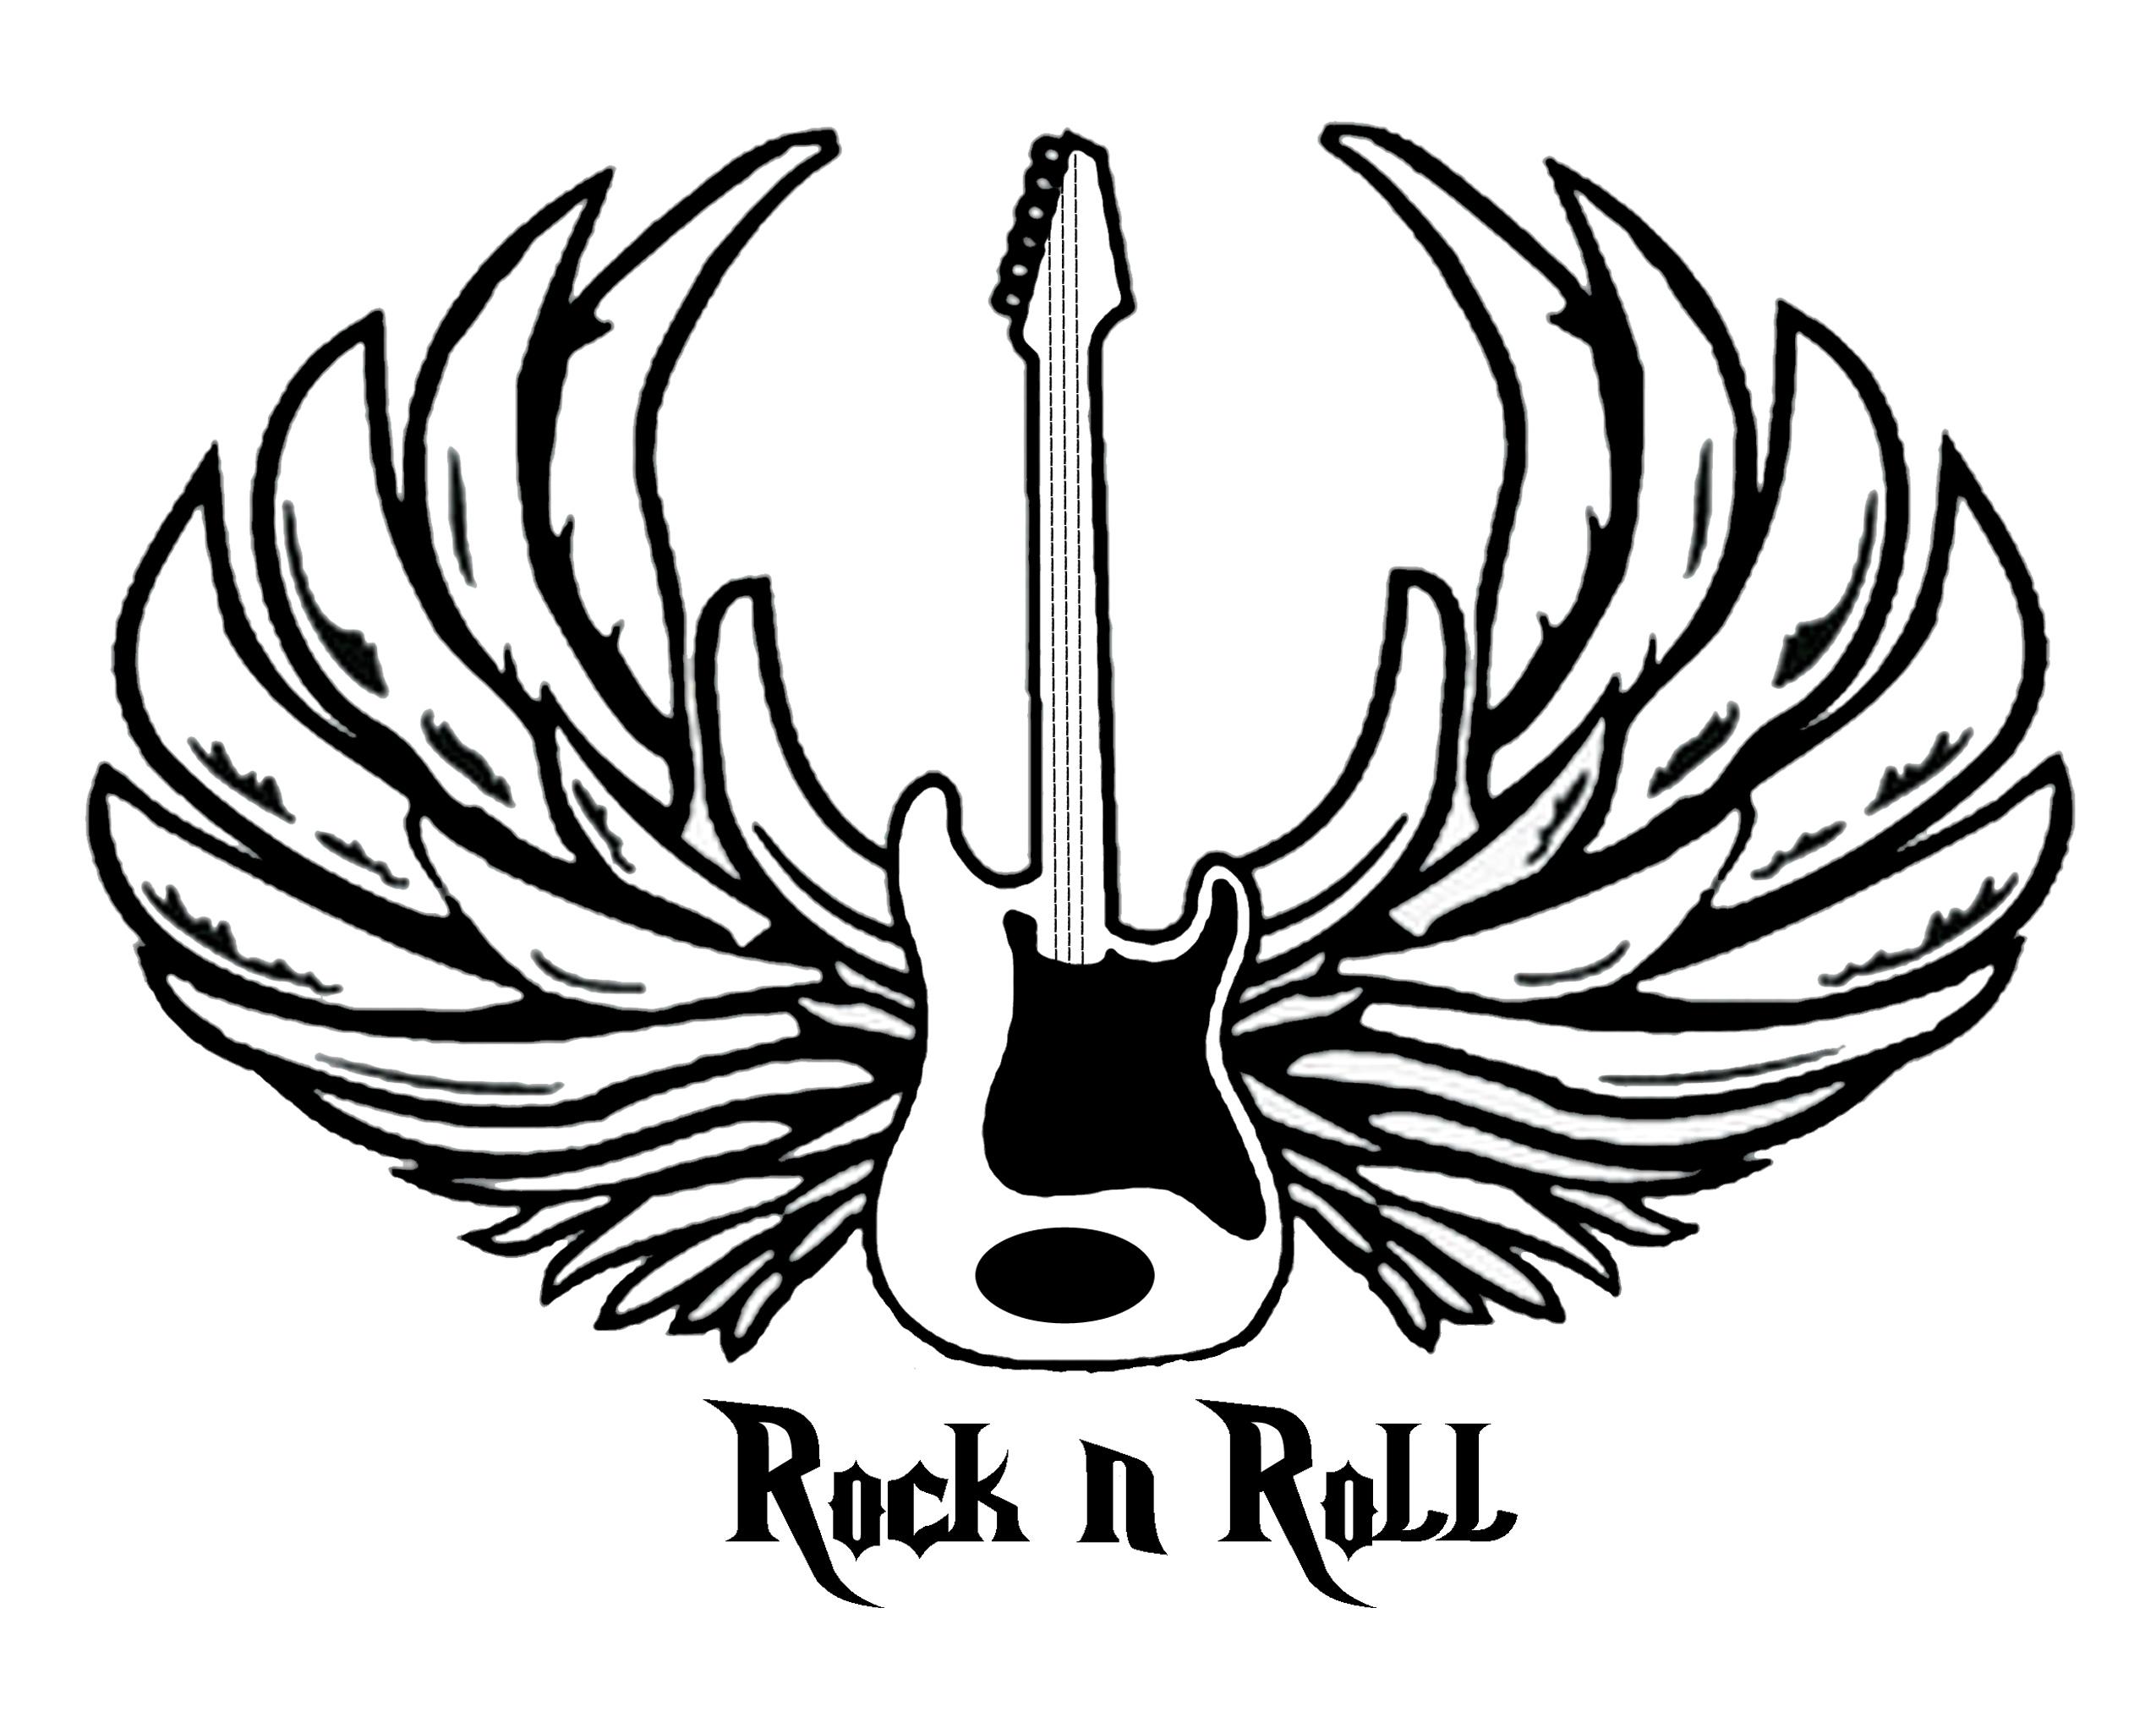 Drawn rock rock and roll Rock'n n  n roll